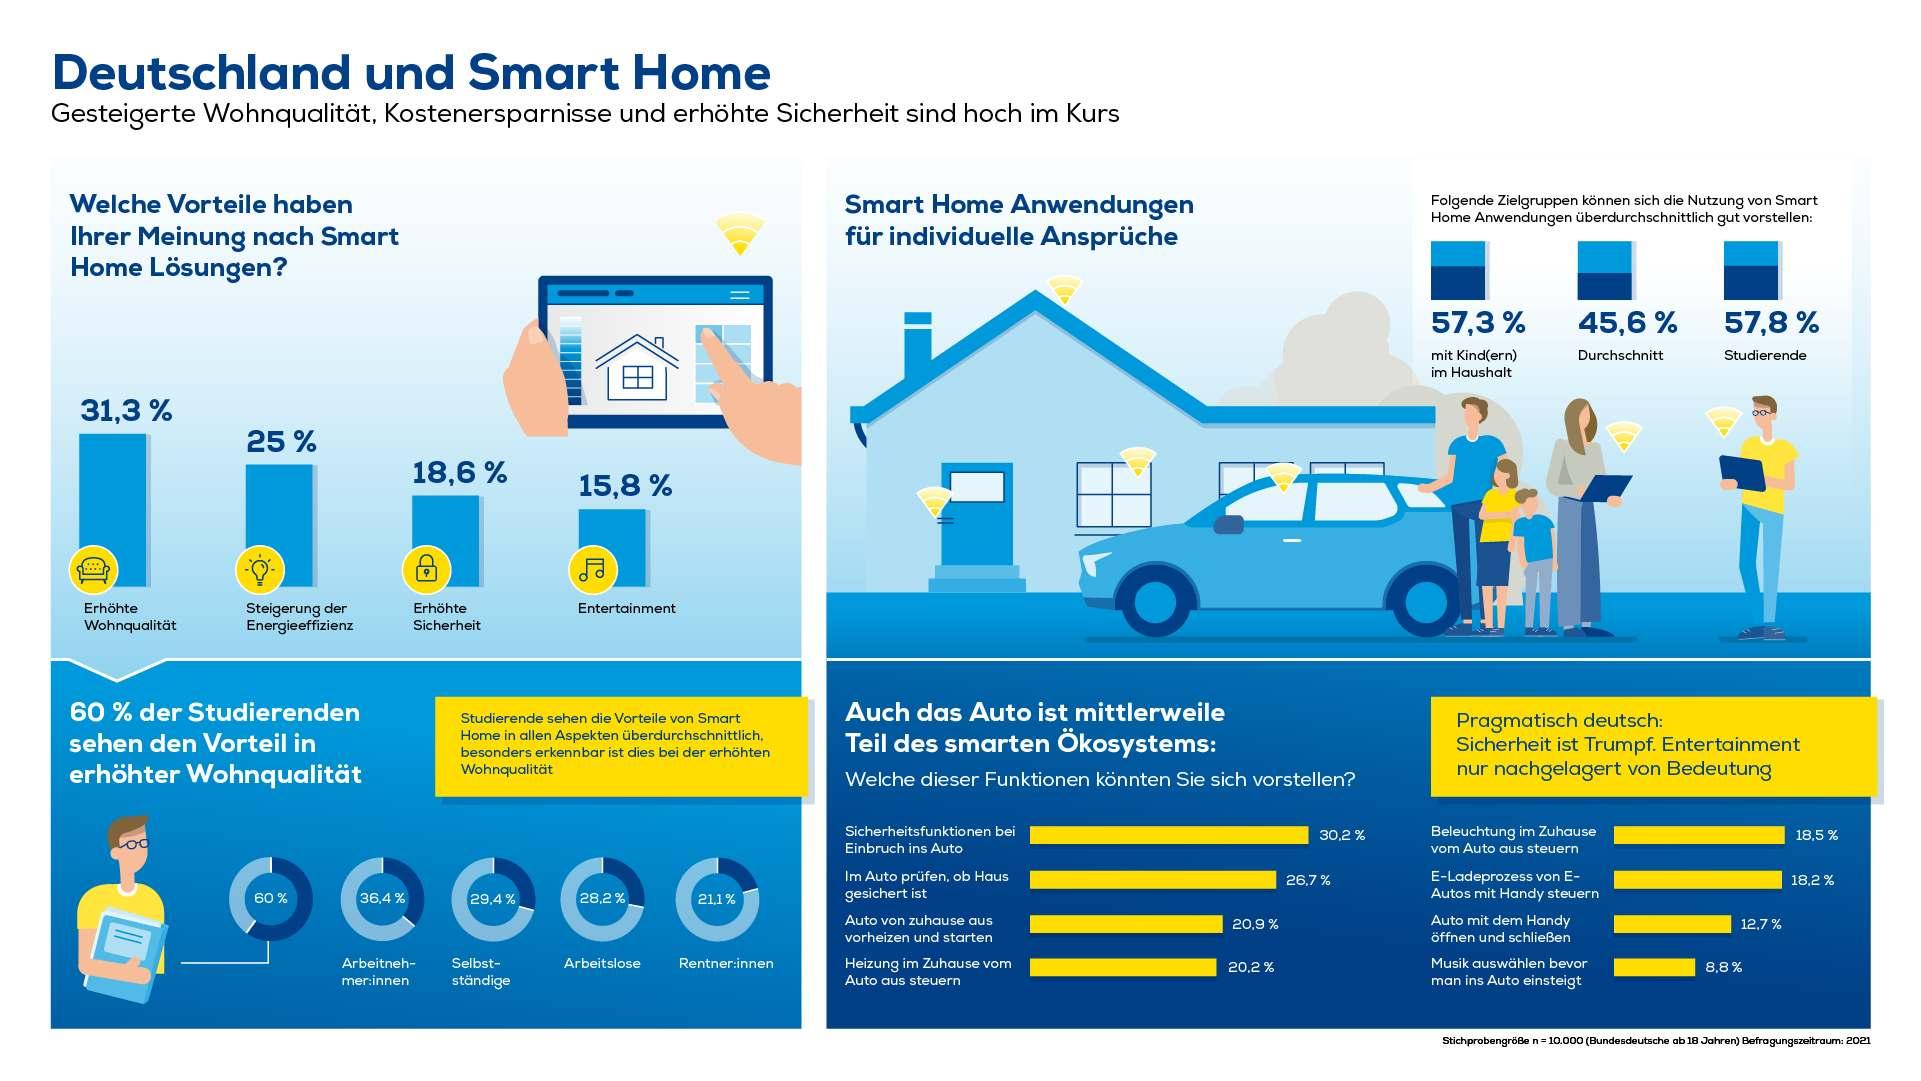 Deutschland und Smart Home